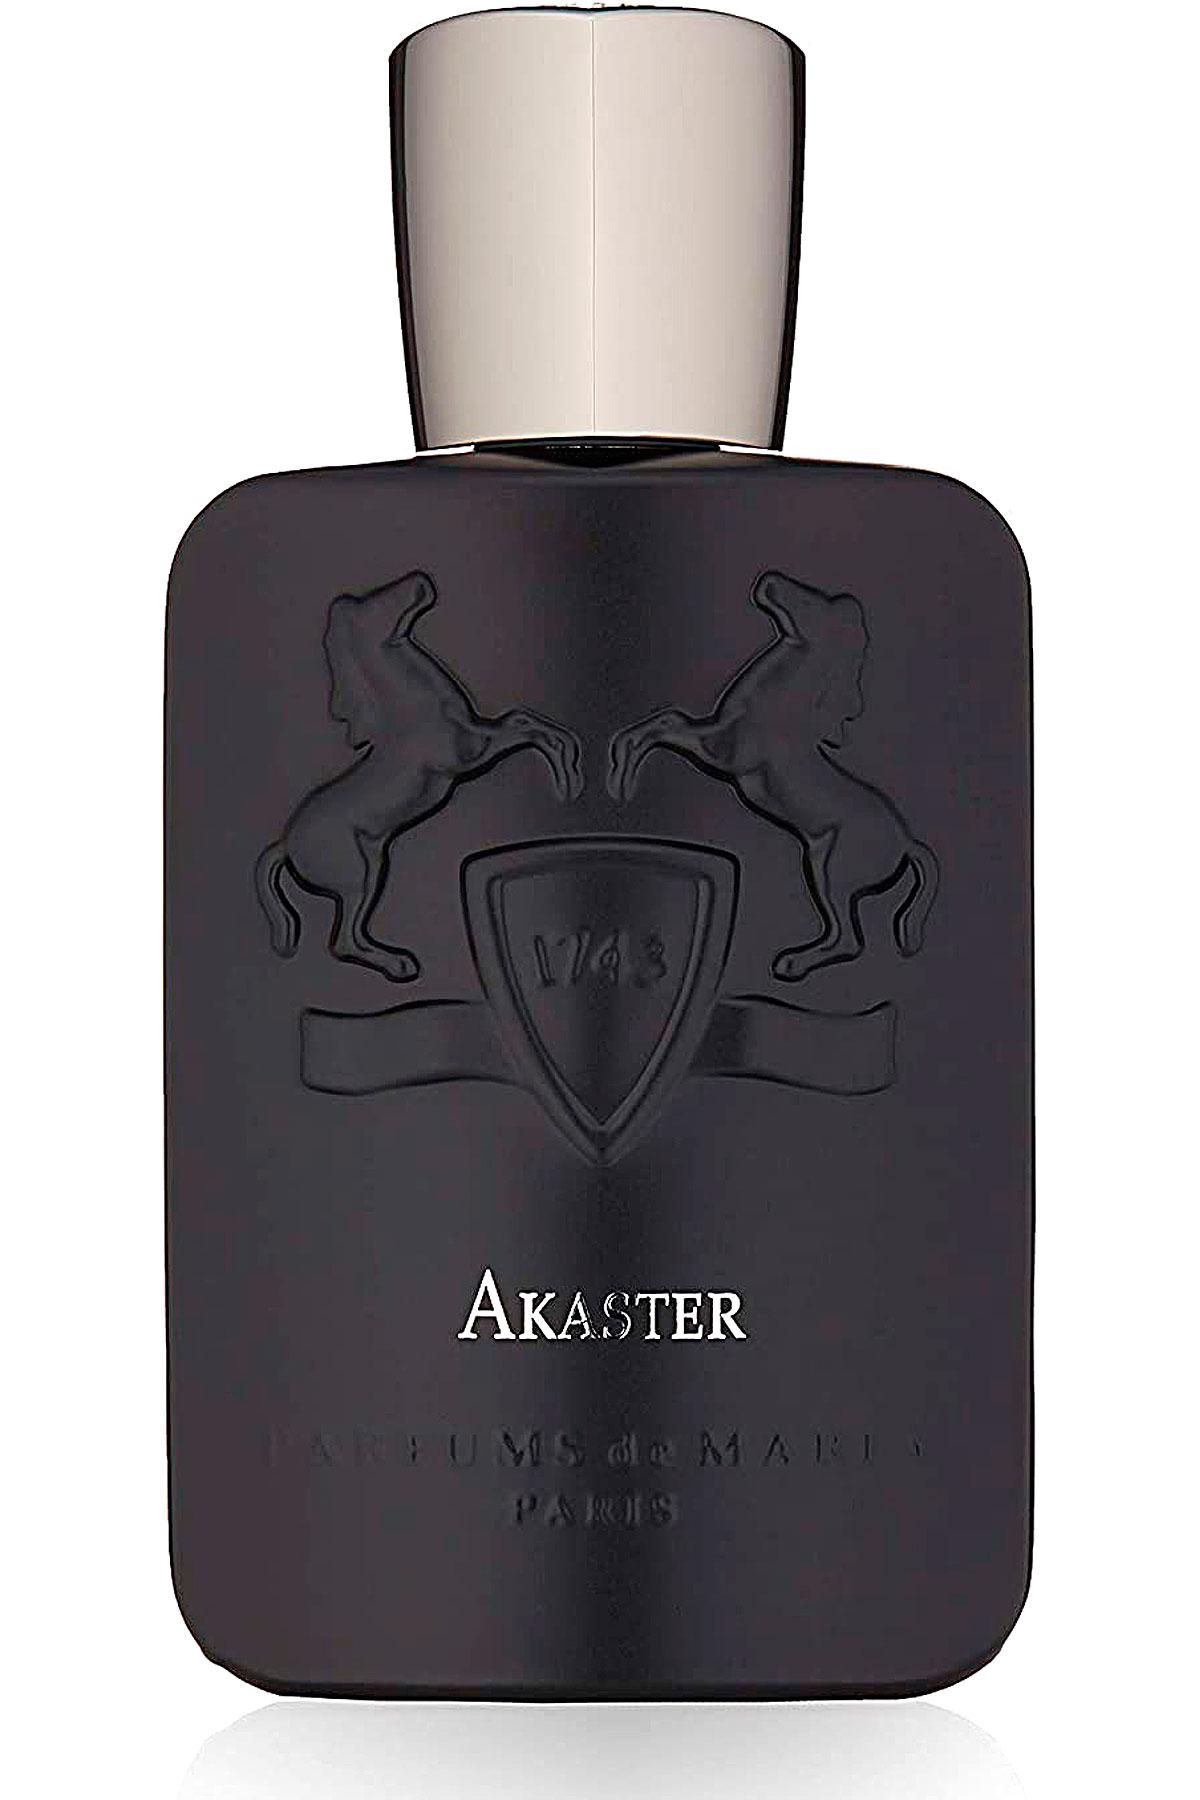 Parfums de Marly Fragrances for Men, Akaster - Eau De Parfum - 125 Ml, 2019, 125 ml